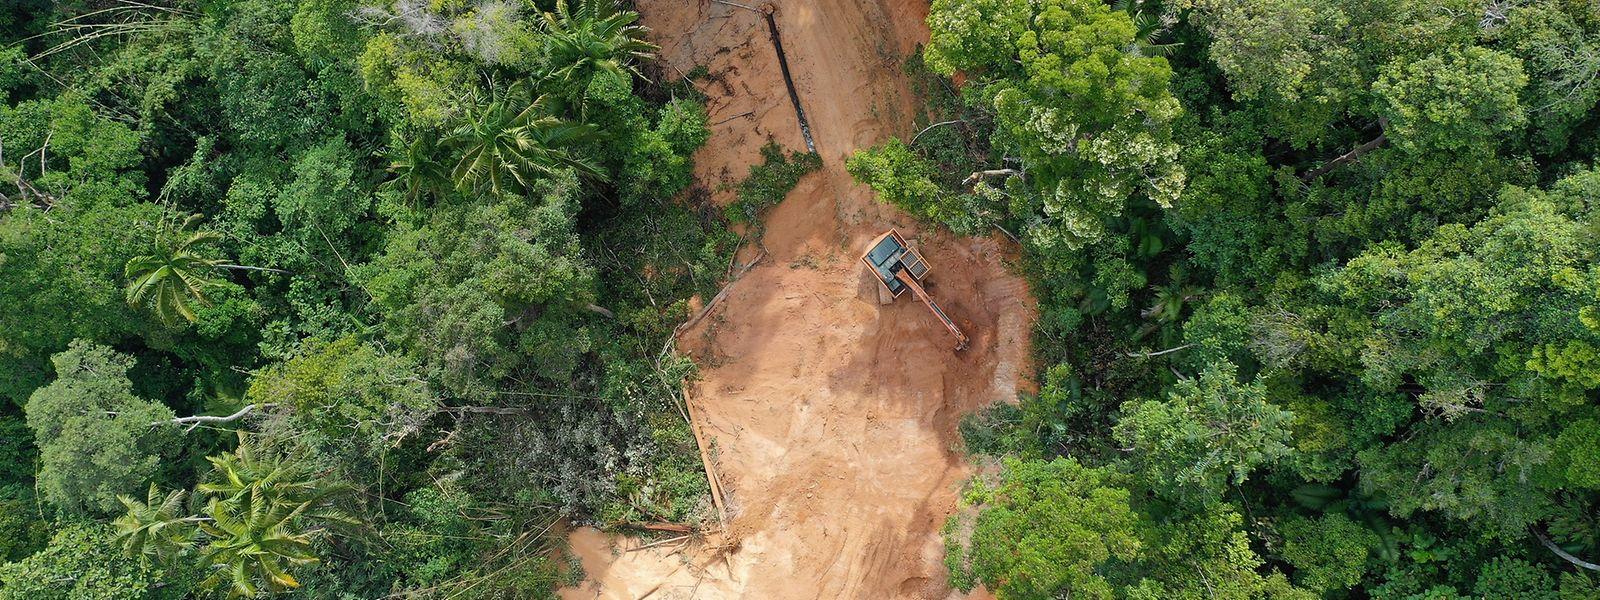 In Brasilien wird der Amazonas immer weiter abgeholzt, um das Land für andere Zwecke, wie die Viehzucht zu verwenden.